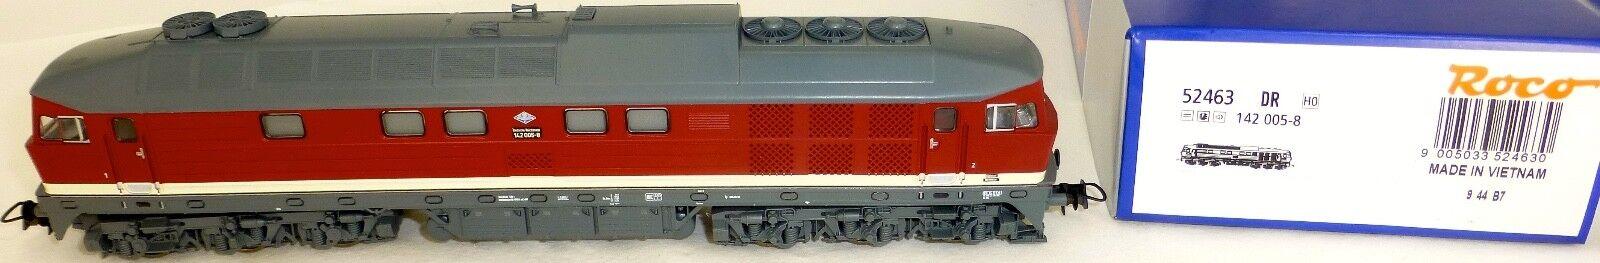 142 005-8 Locomotora Diésel Dr Epiv Sonido Digital Roco 52463 H0 1 87